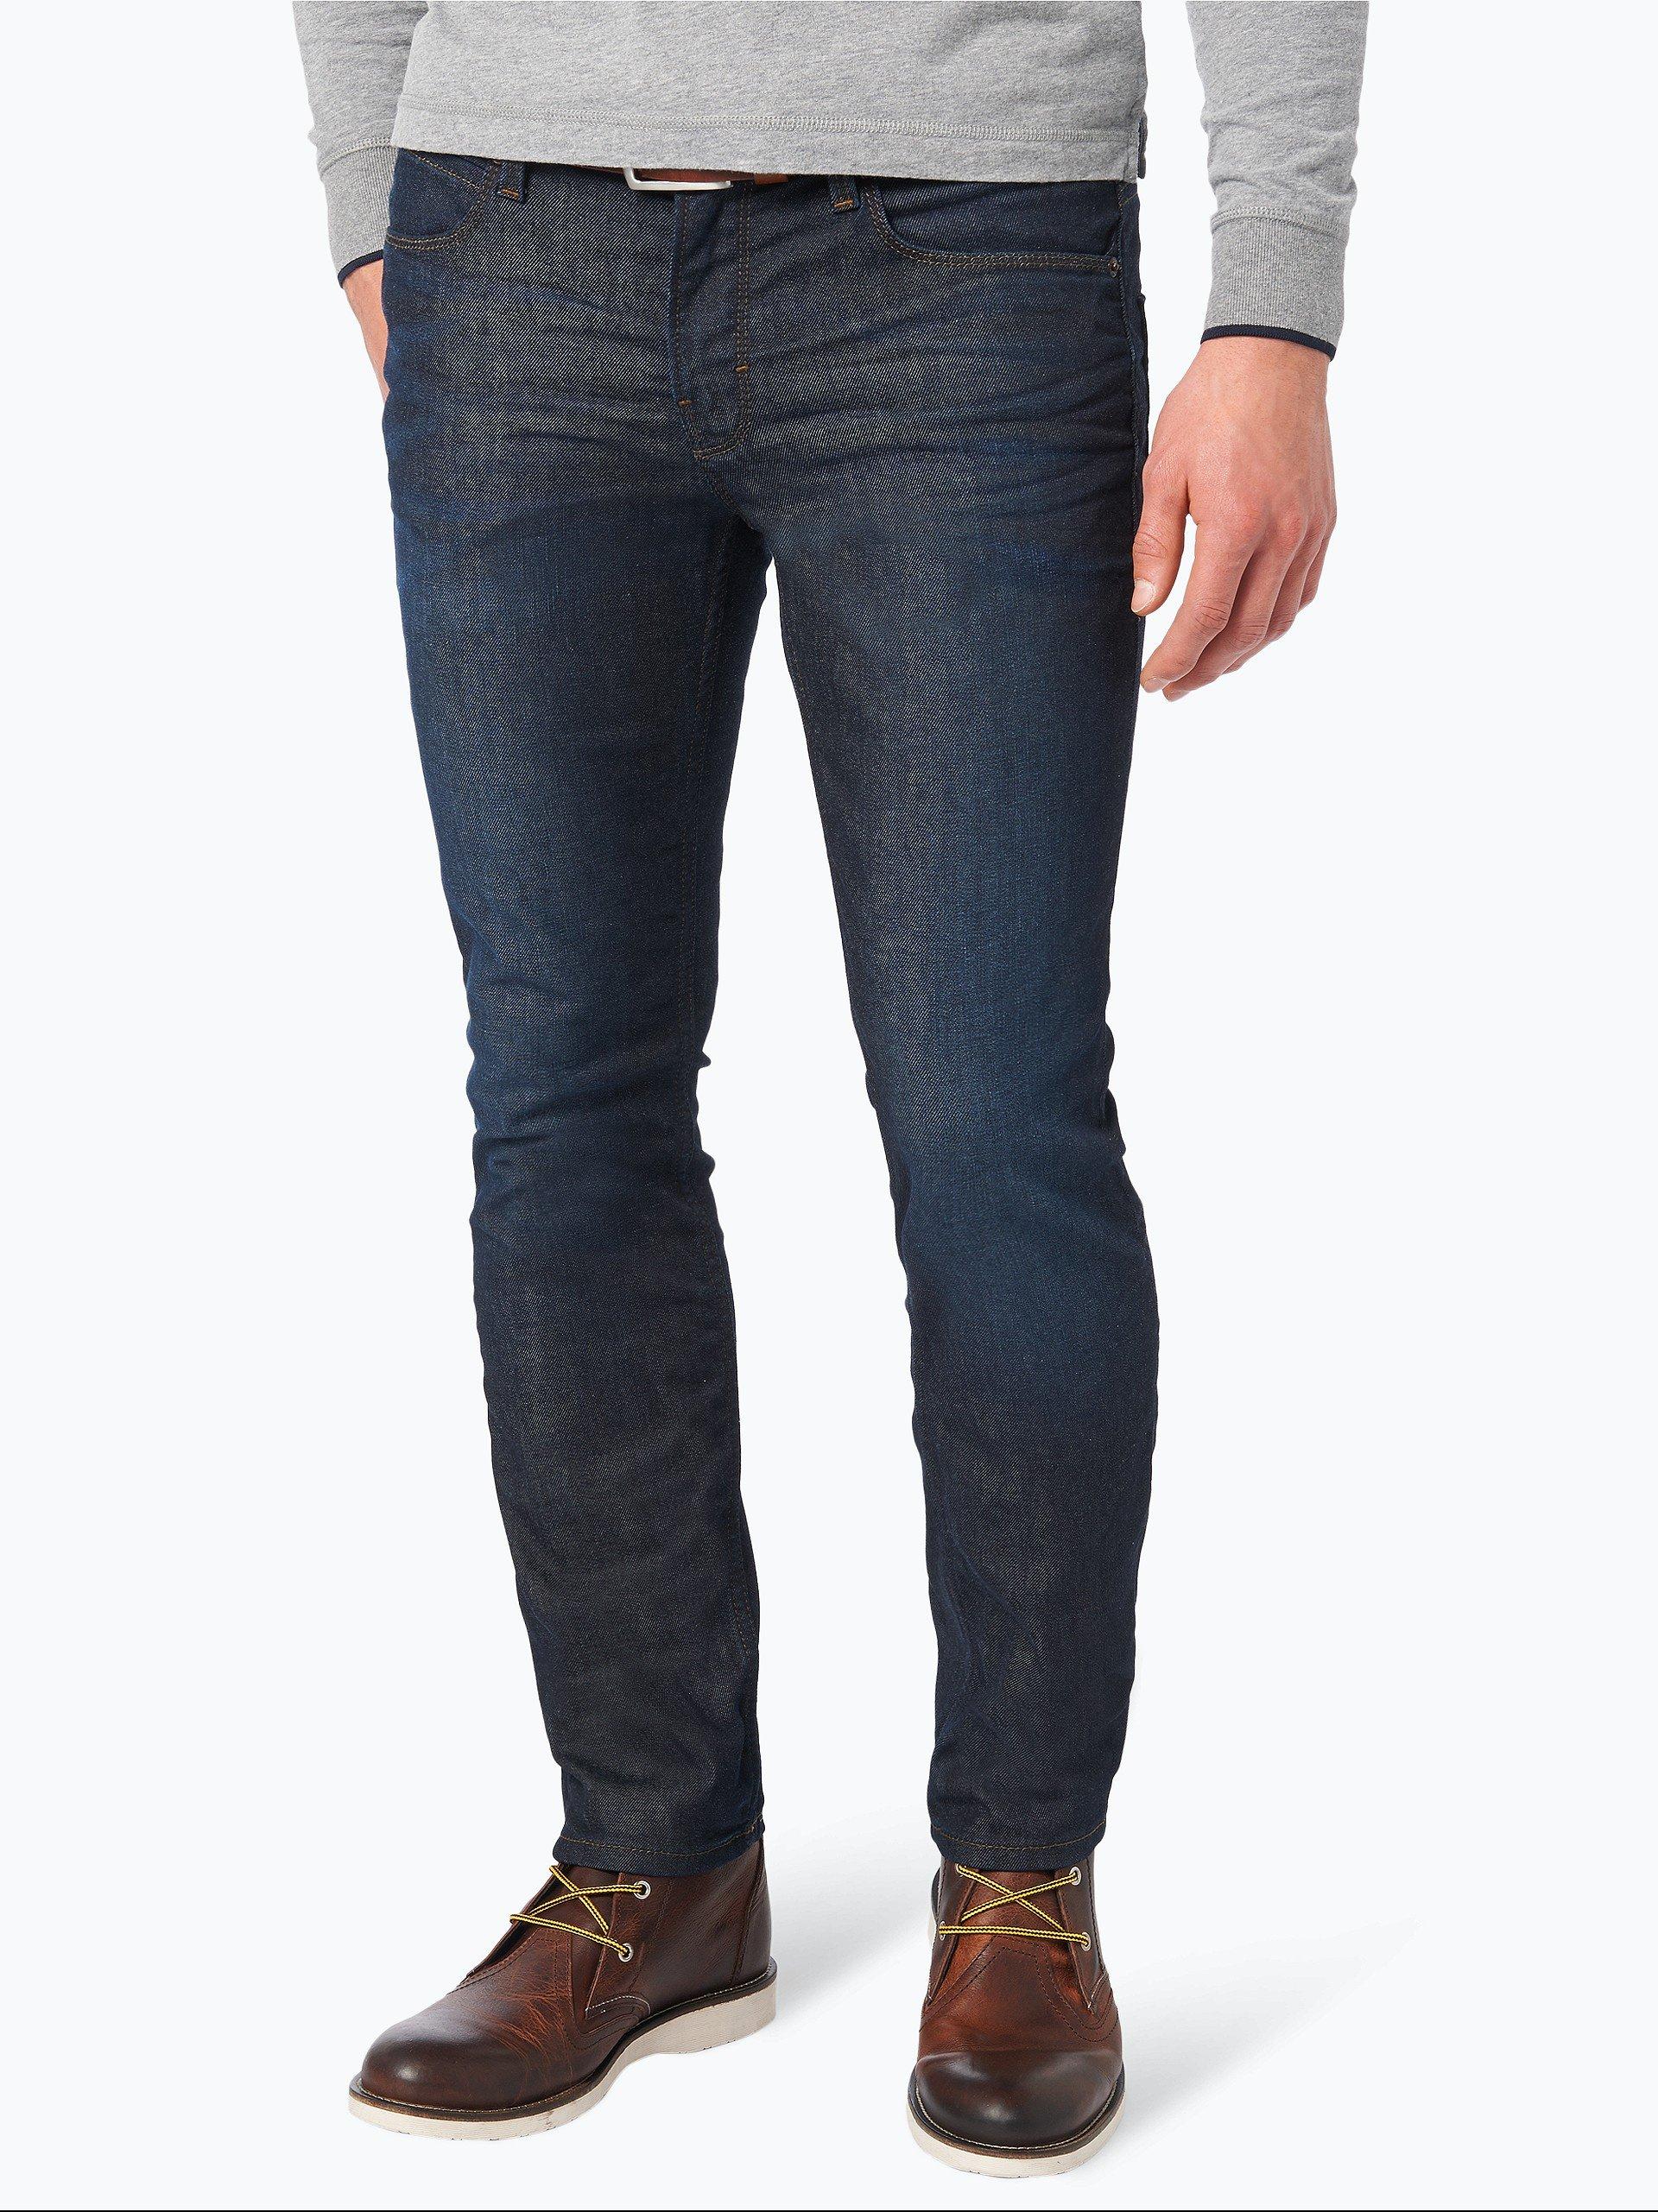 boss orange herren jeans orange 63 dark stone uni online kaufen peek und cloppenburg de. Black Bedroom Furniture Sets. Home Design Ideas